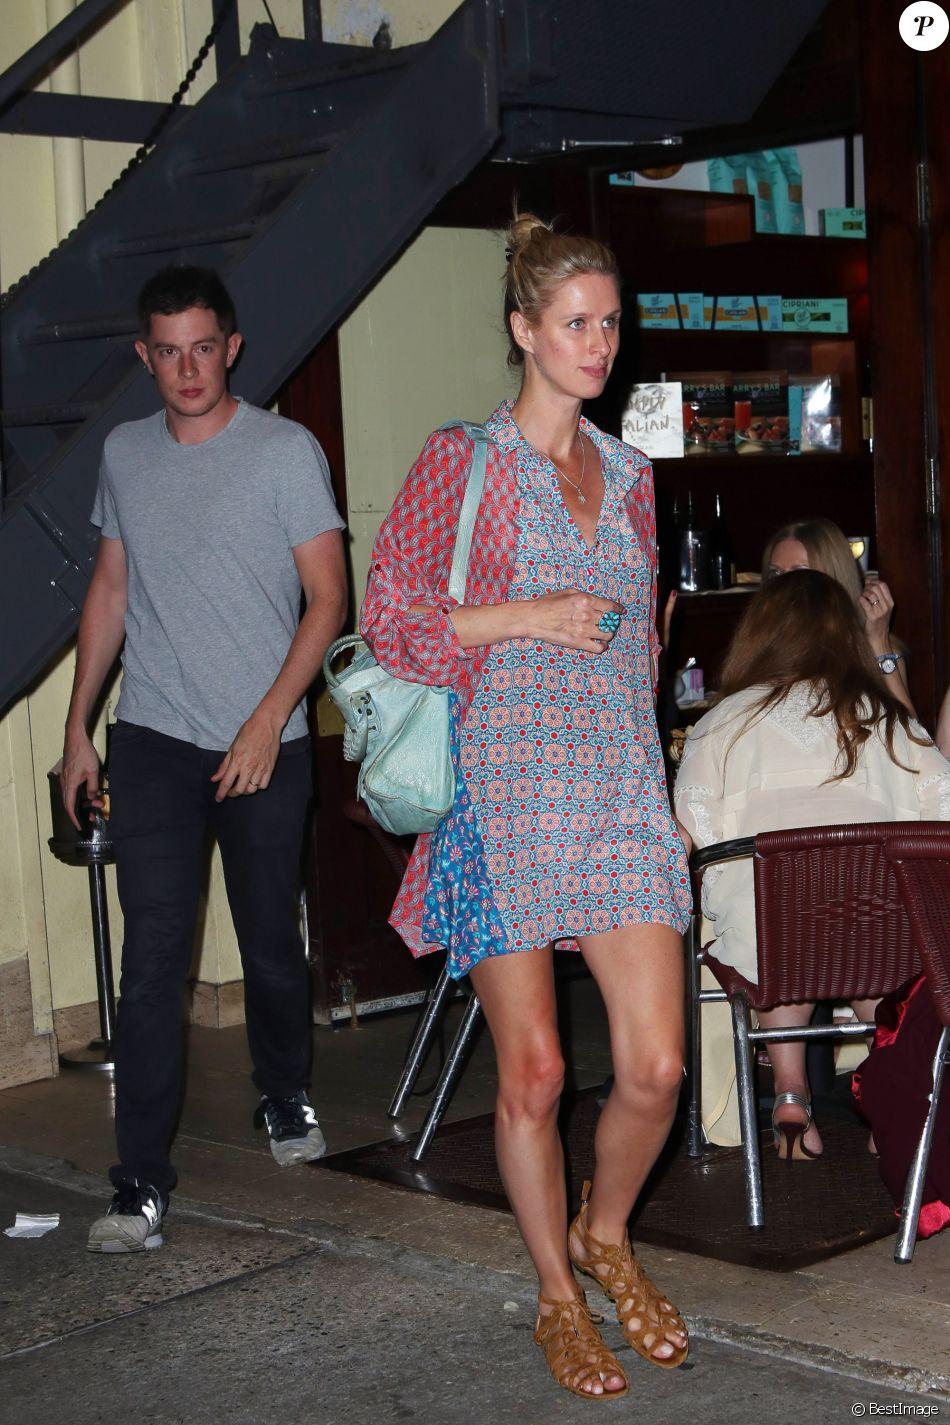 Nicky Hilton, enceinte et son mari James Rothschild lors d'une soirée en amoureux au Socialista dans le quartier de Soho à New York, le 23 septembre 2017.